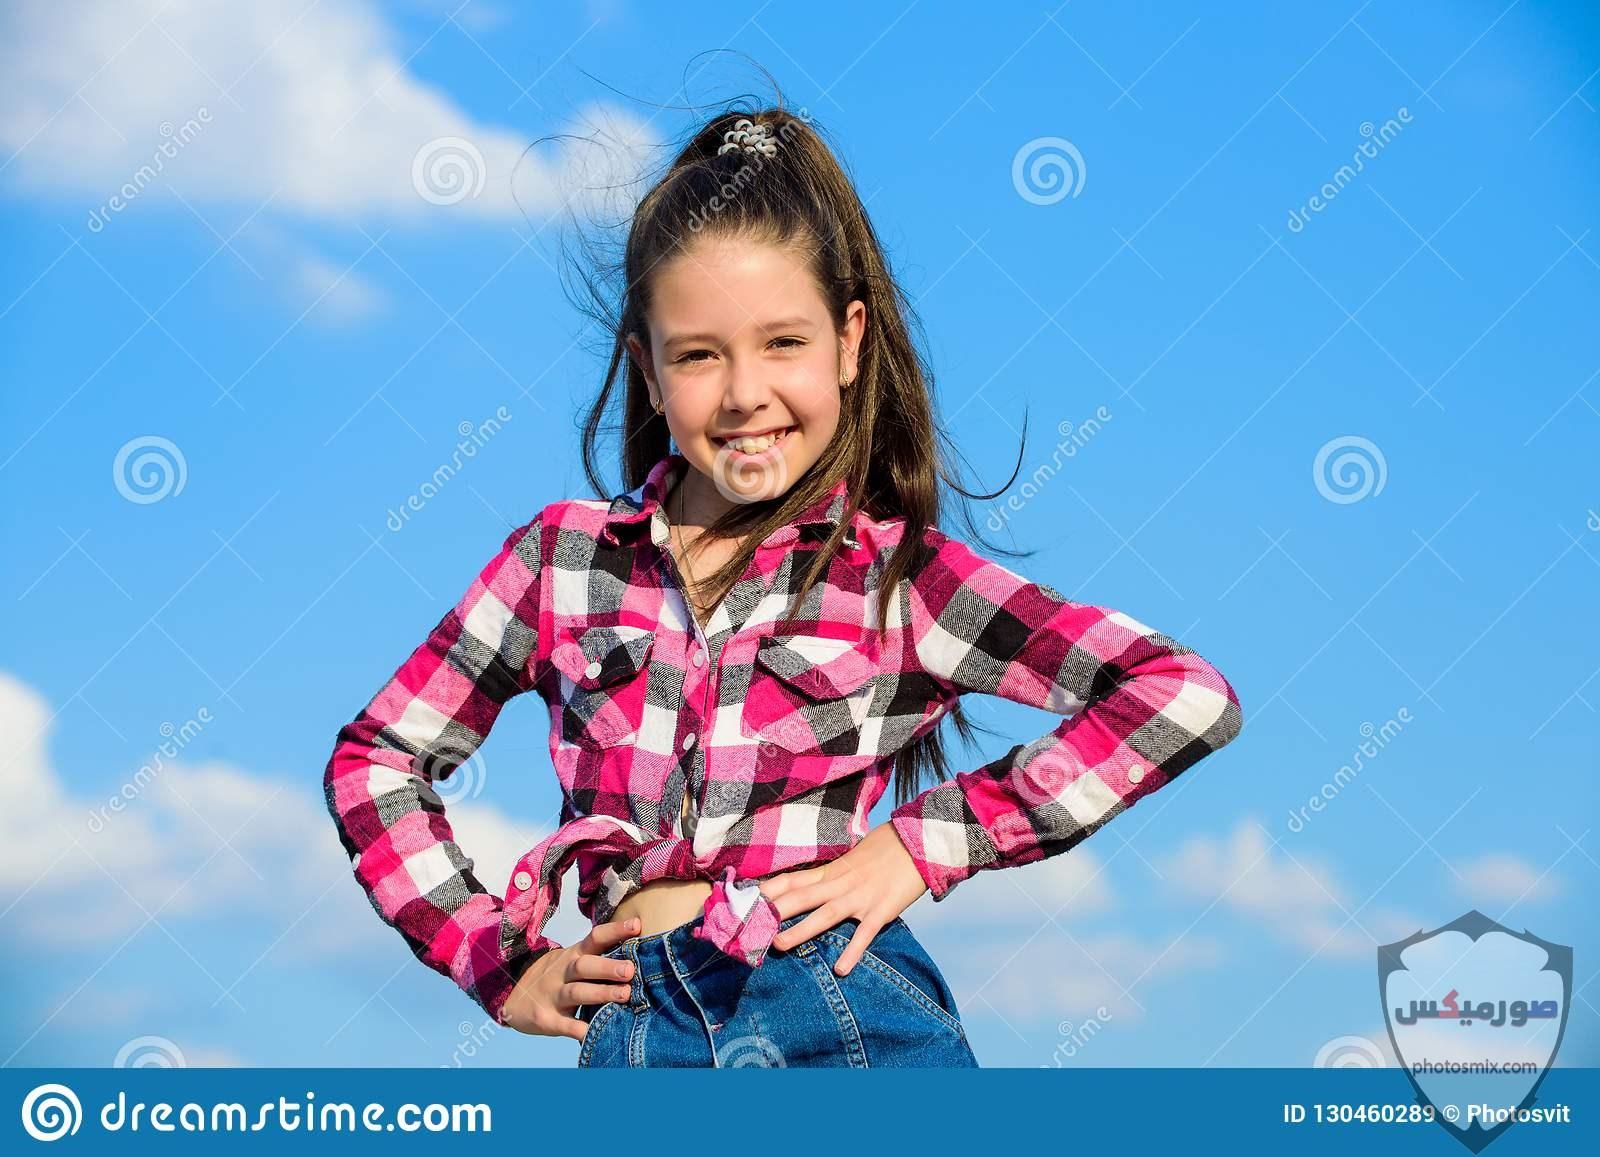 صور اطفال 2021 تحميل اكثر من 100 صور اطفال جميلة صور اطفال روعة 2020 54 1